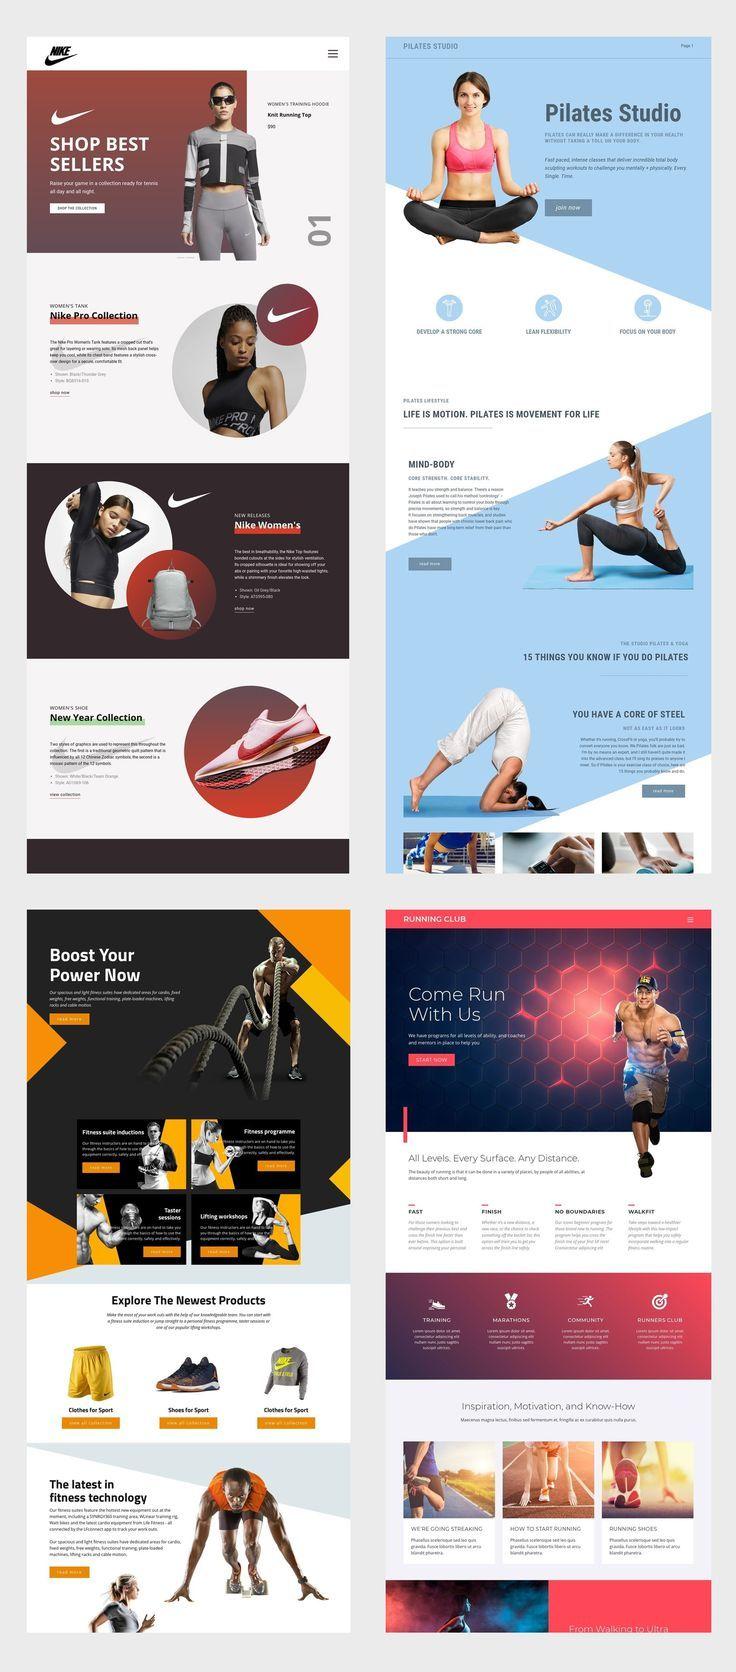 Free Templates By Nicepage Builder In 2020 Diy Website Design Website Design Layout Web Design